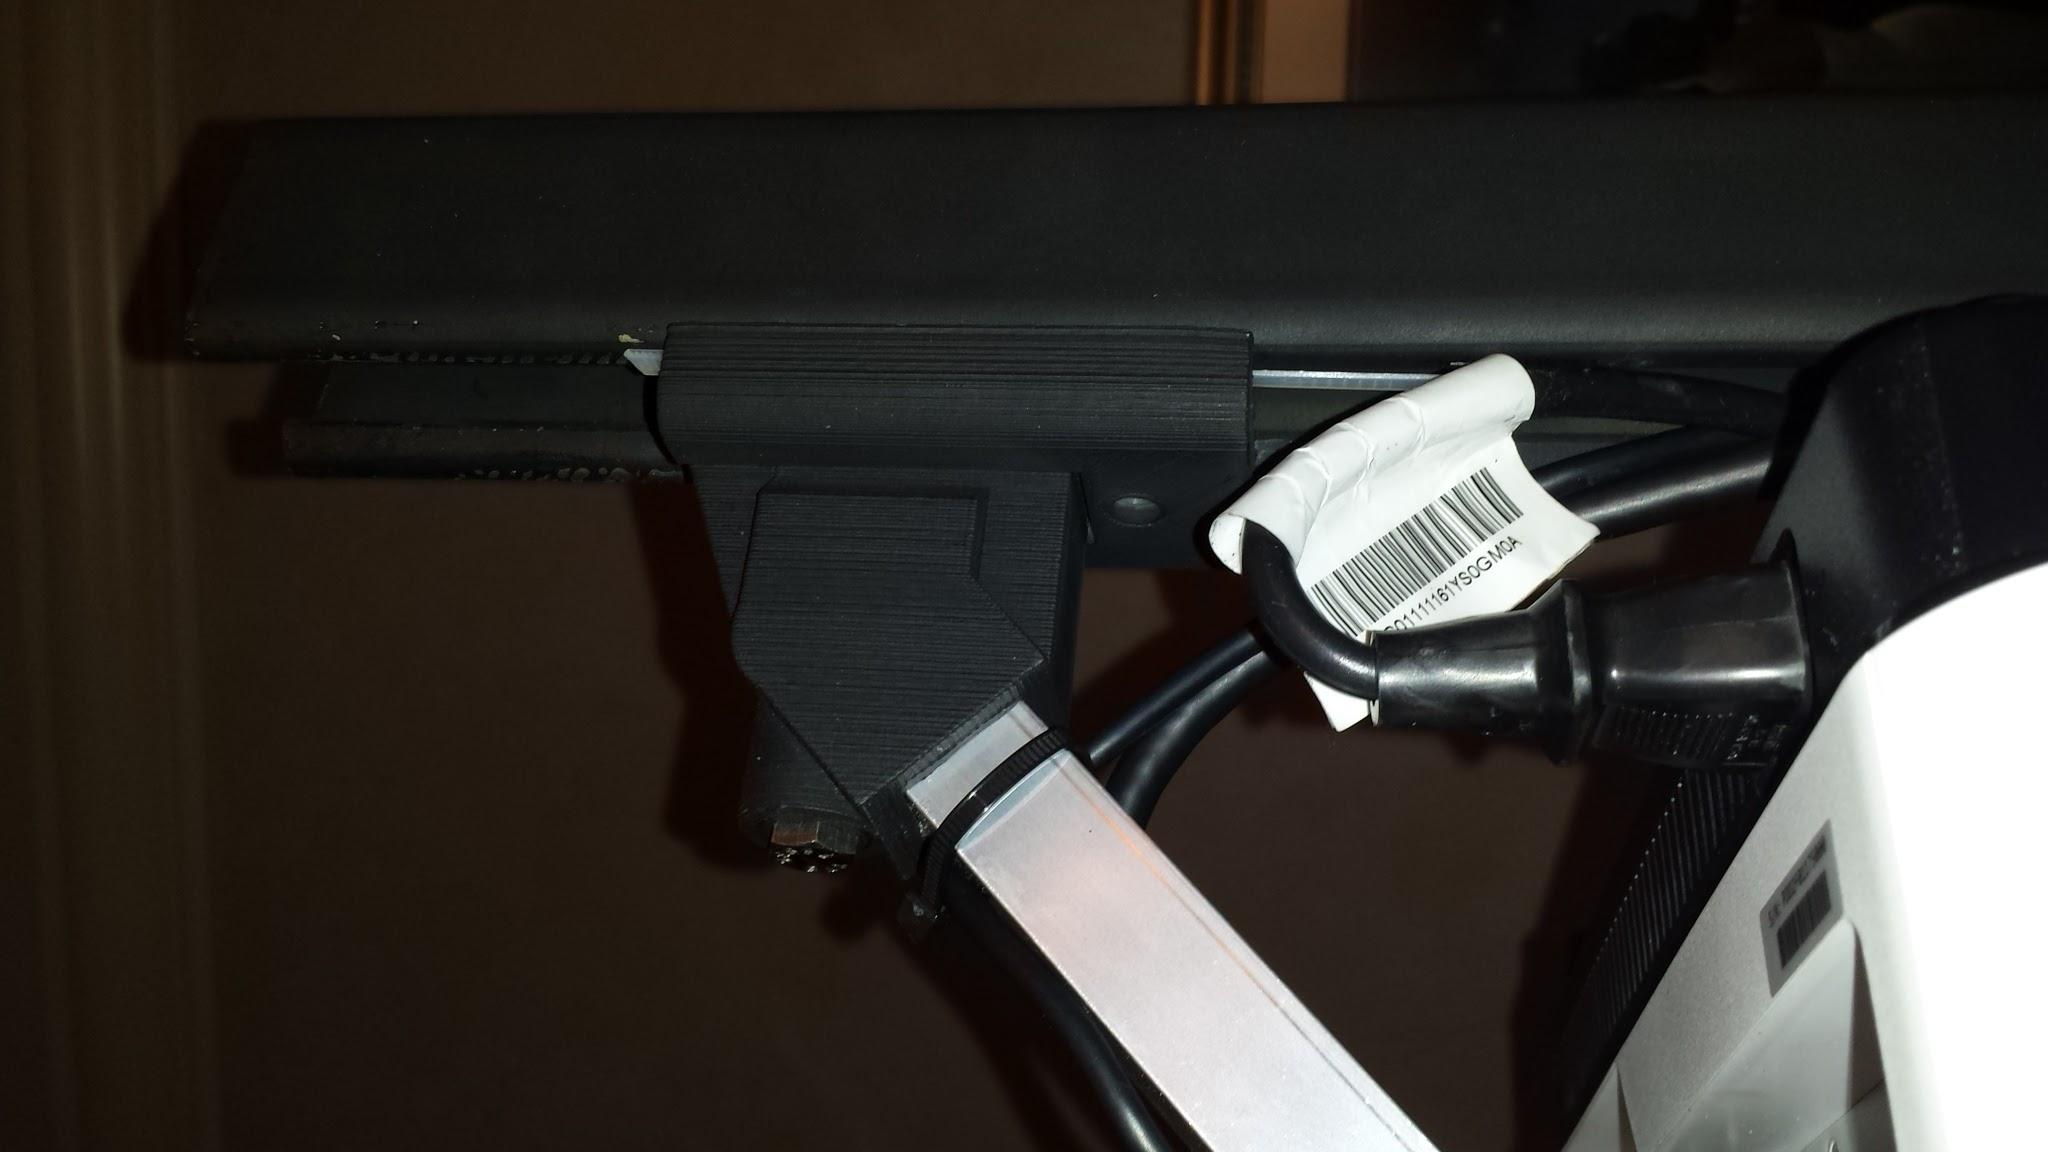 Kinect sensor mount